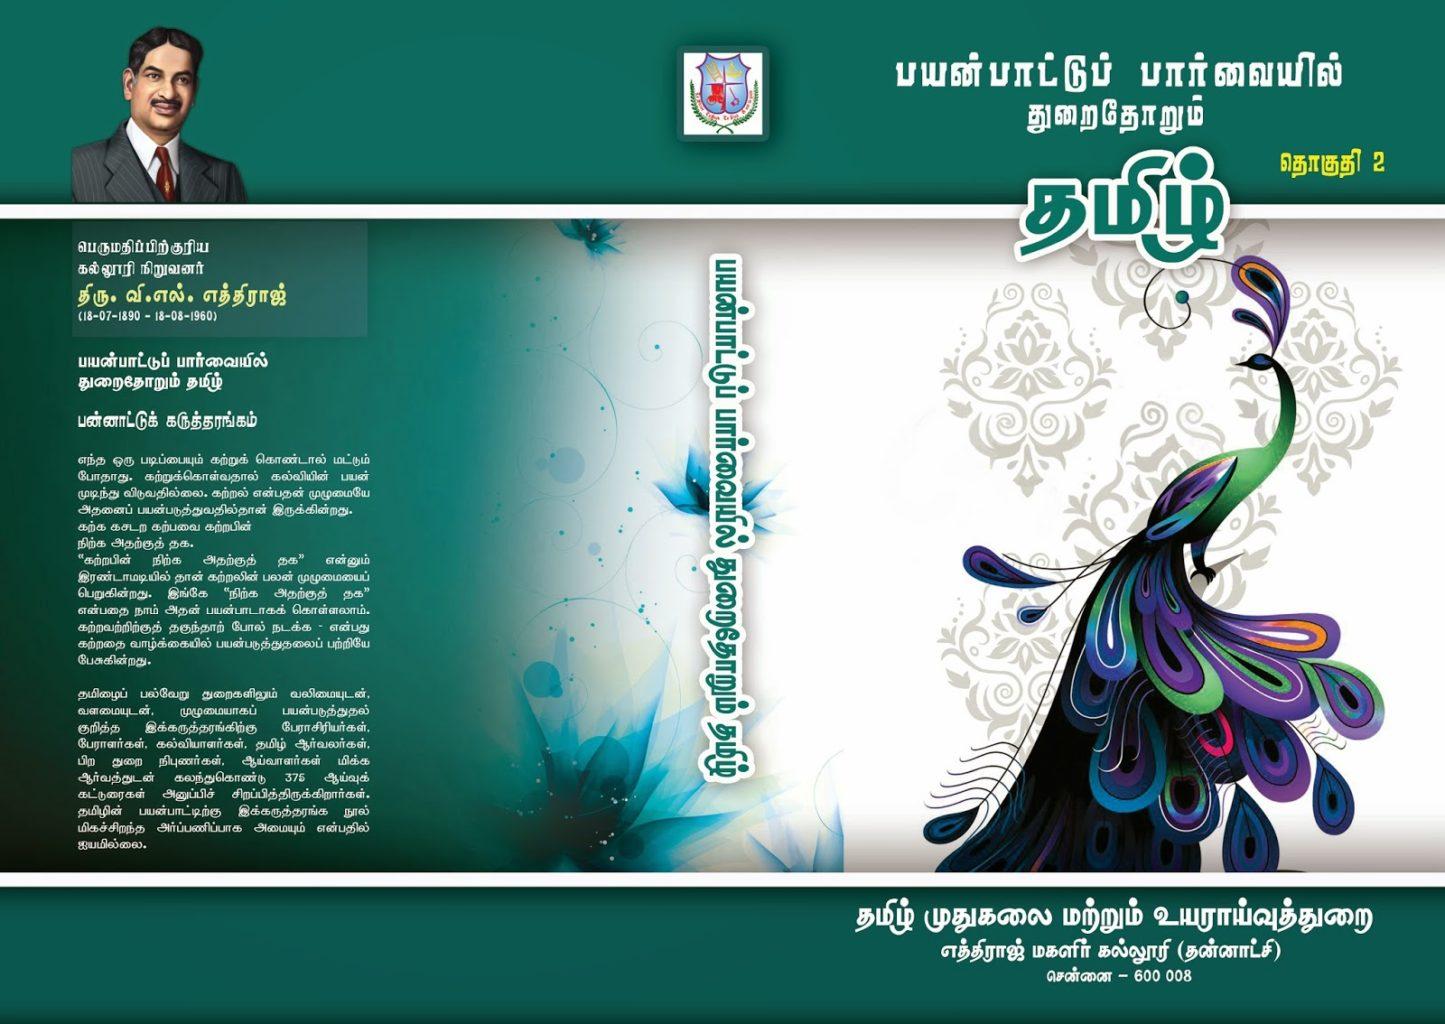 54azhai_Ethiraj_Conference_book2cover